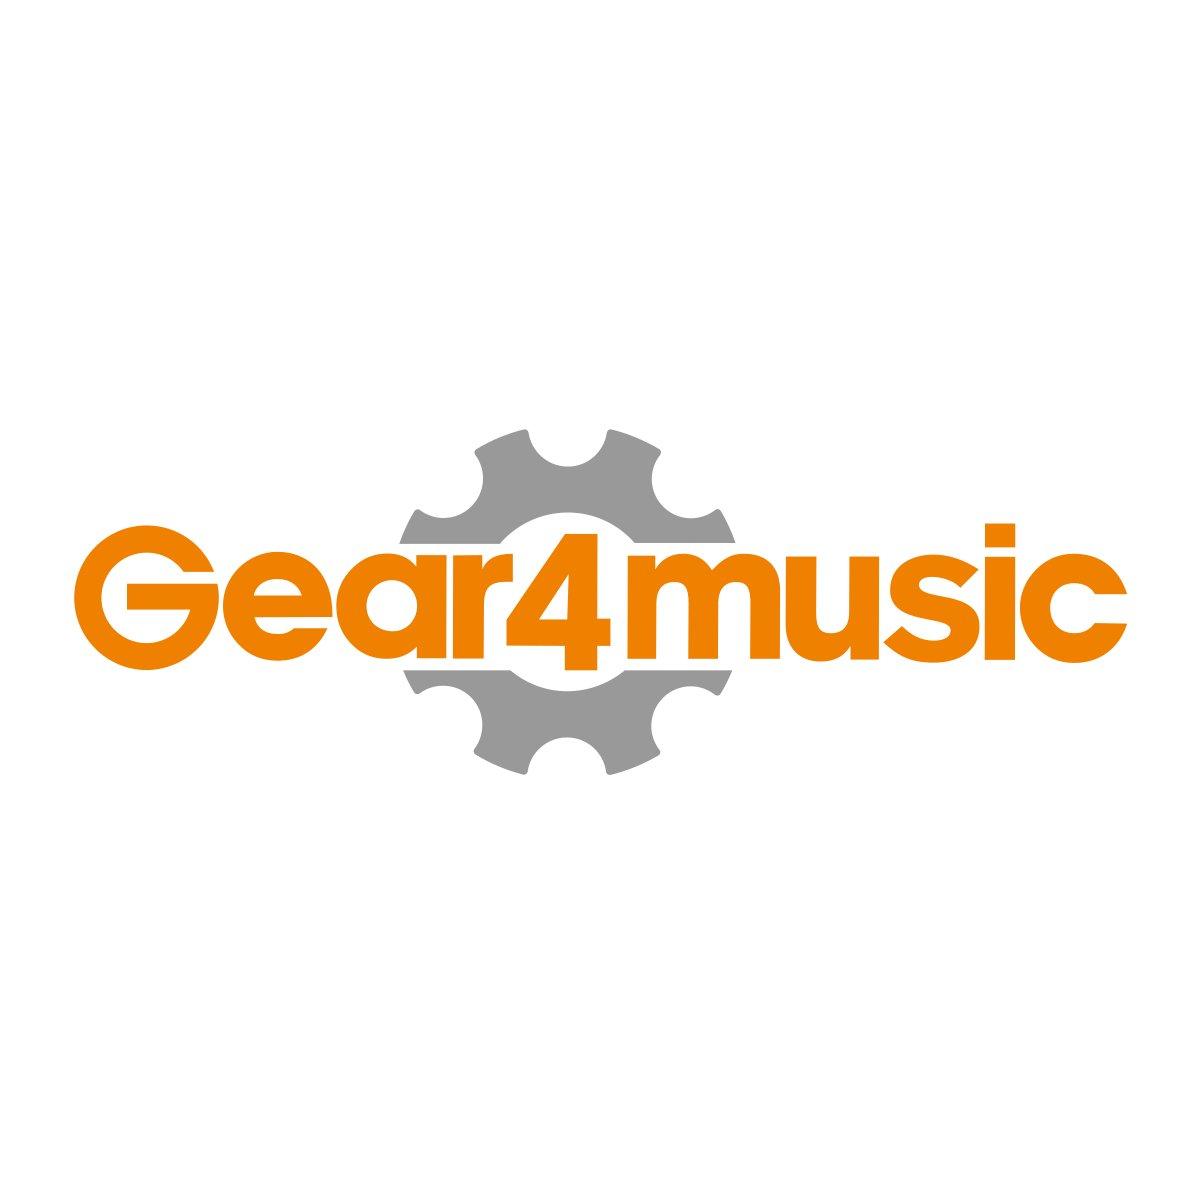 Chitarra classica 3//4 Natural Gear4music